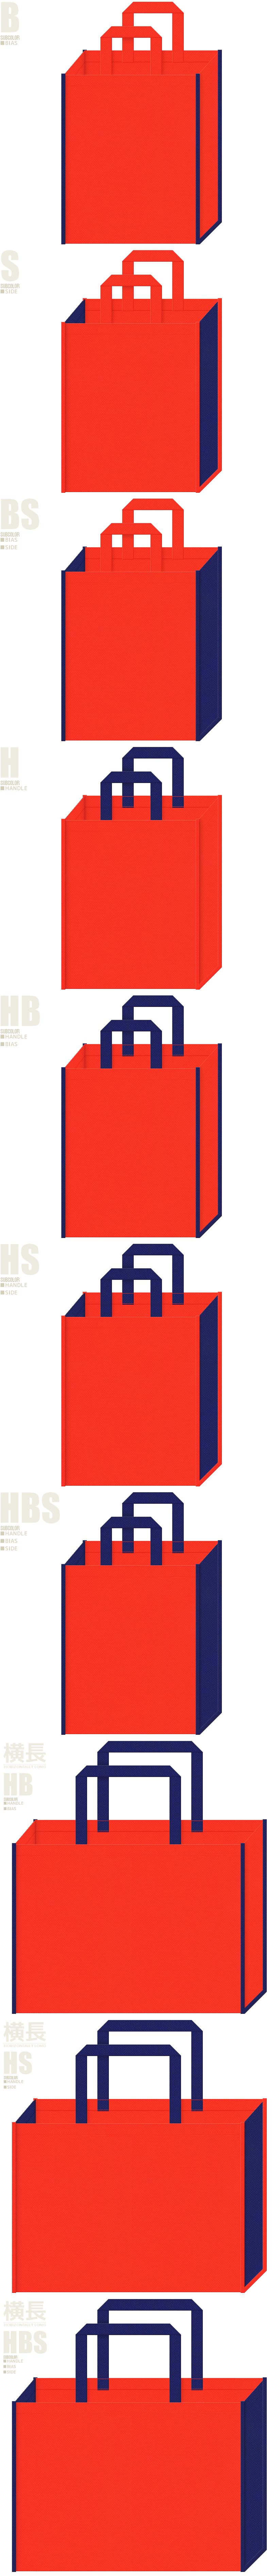 スポーツイベント・スポーツ用品の展示会用バッグにお奨めの不織布バッグデザイン:オレンジ色と明るい紺色の配色7パターン